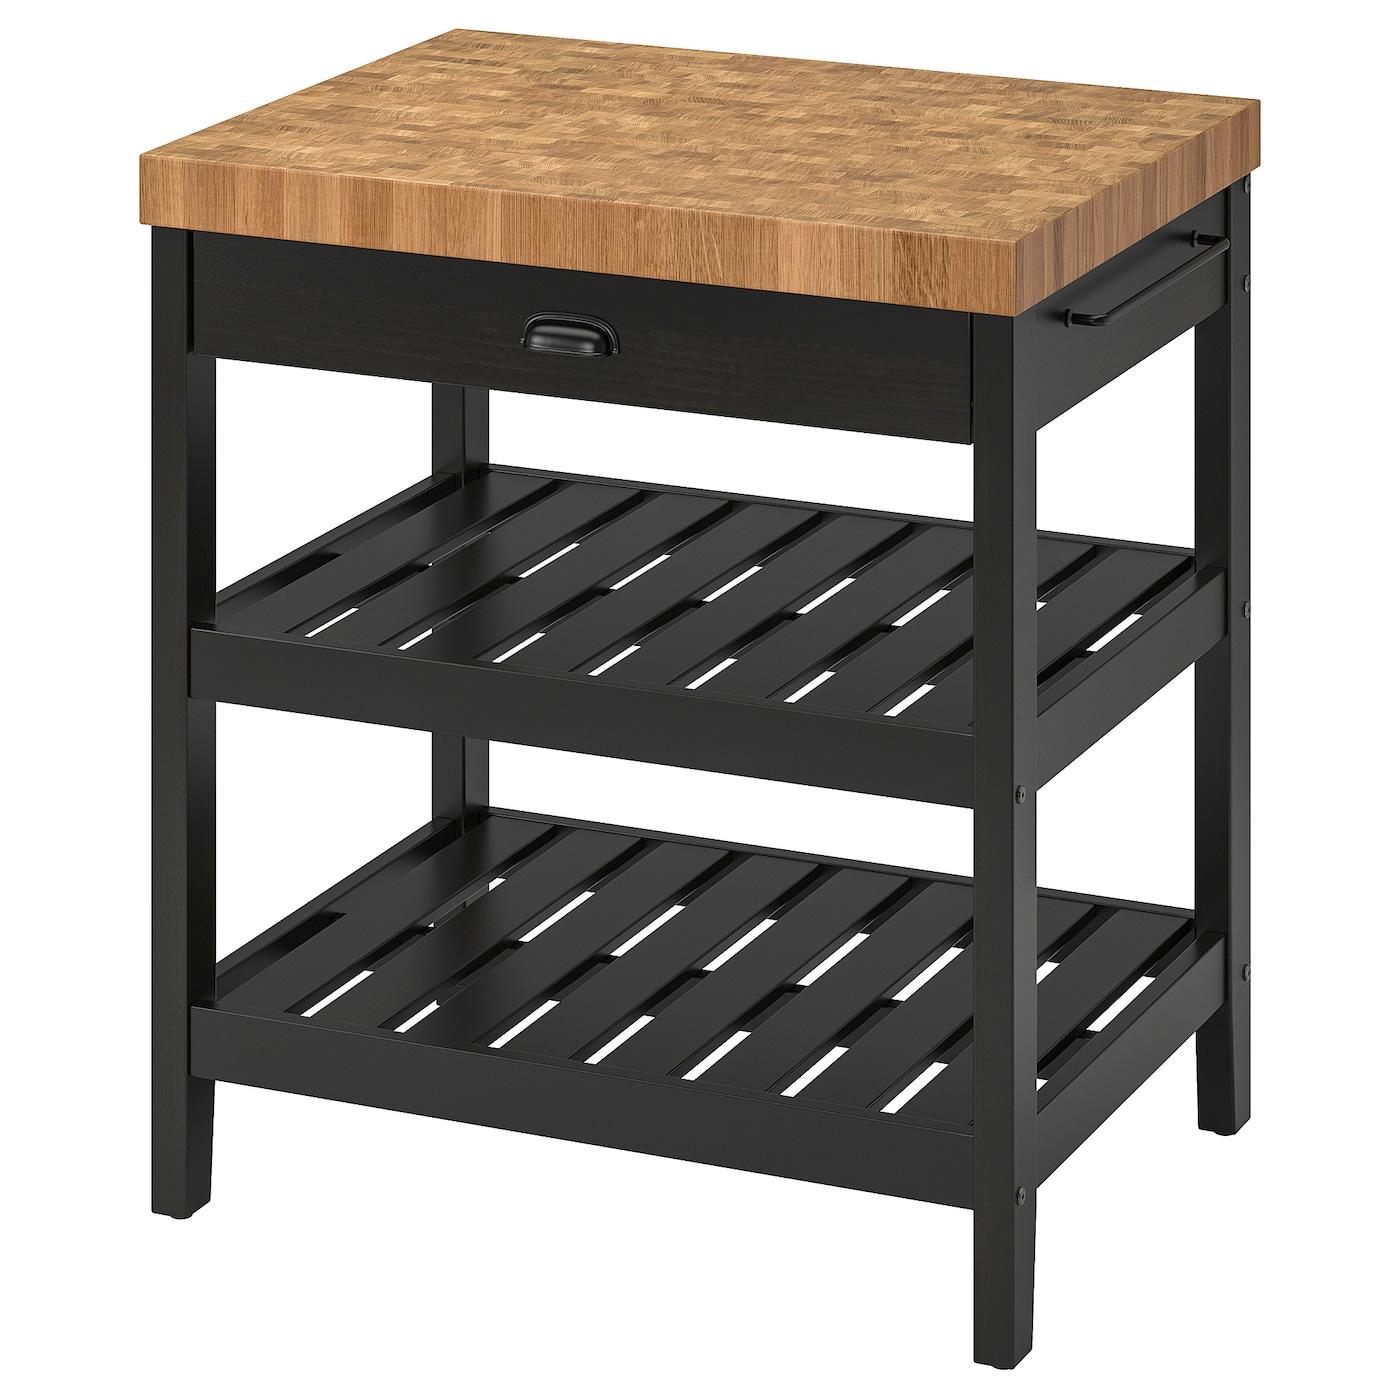 Vadholma Kitchen Island Black Oak Width 31 1 8 Ikea